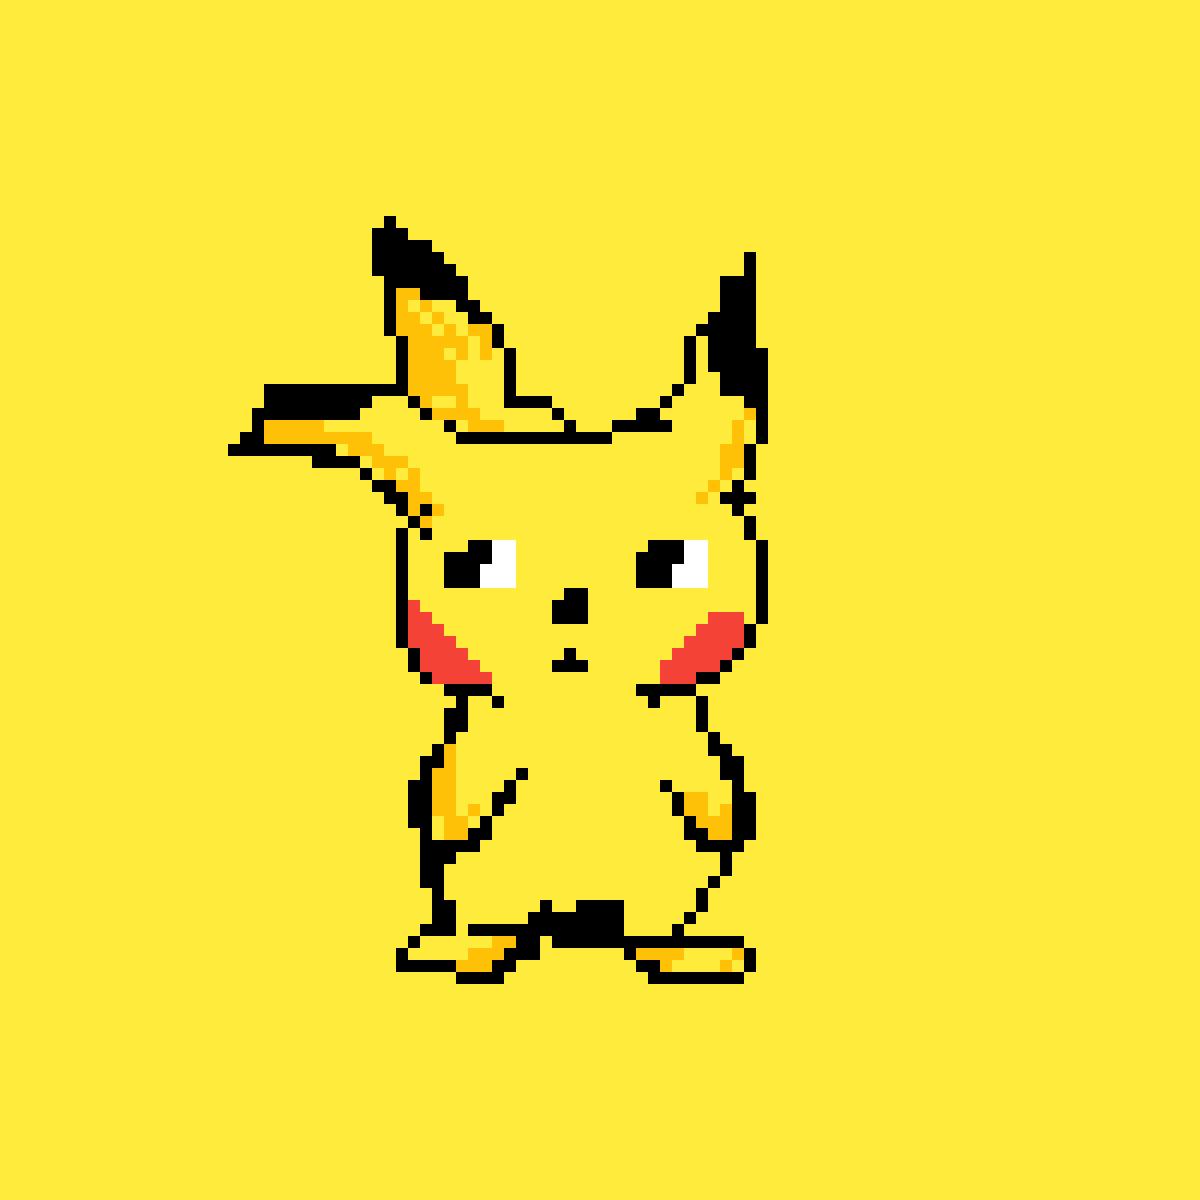 Pikachu by moonlanesan